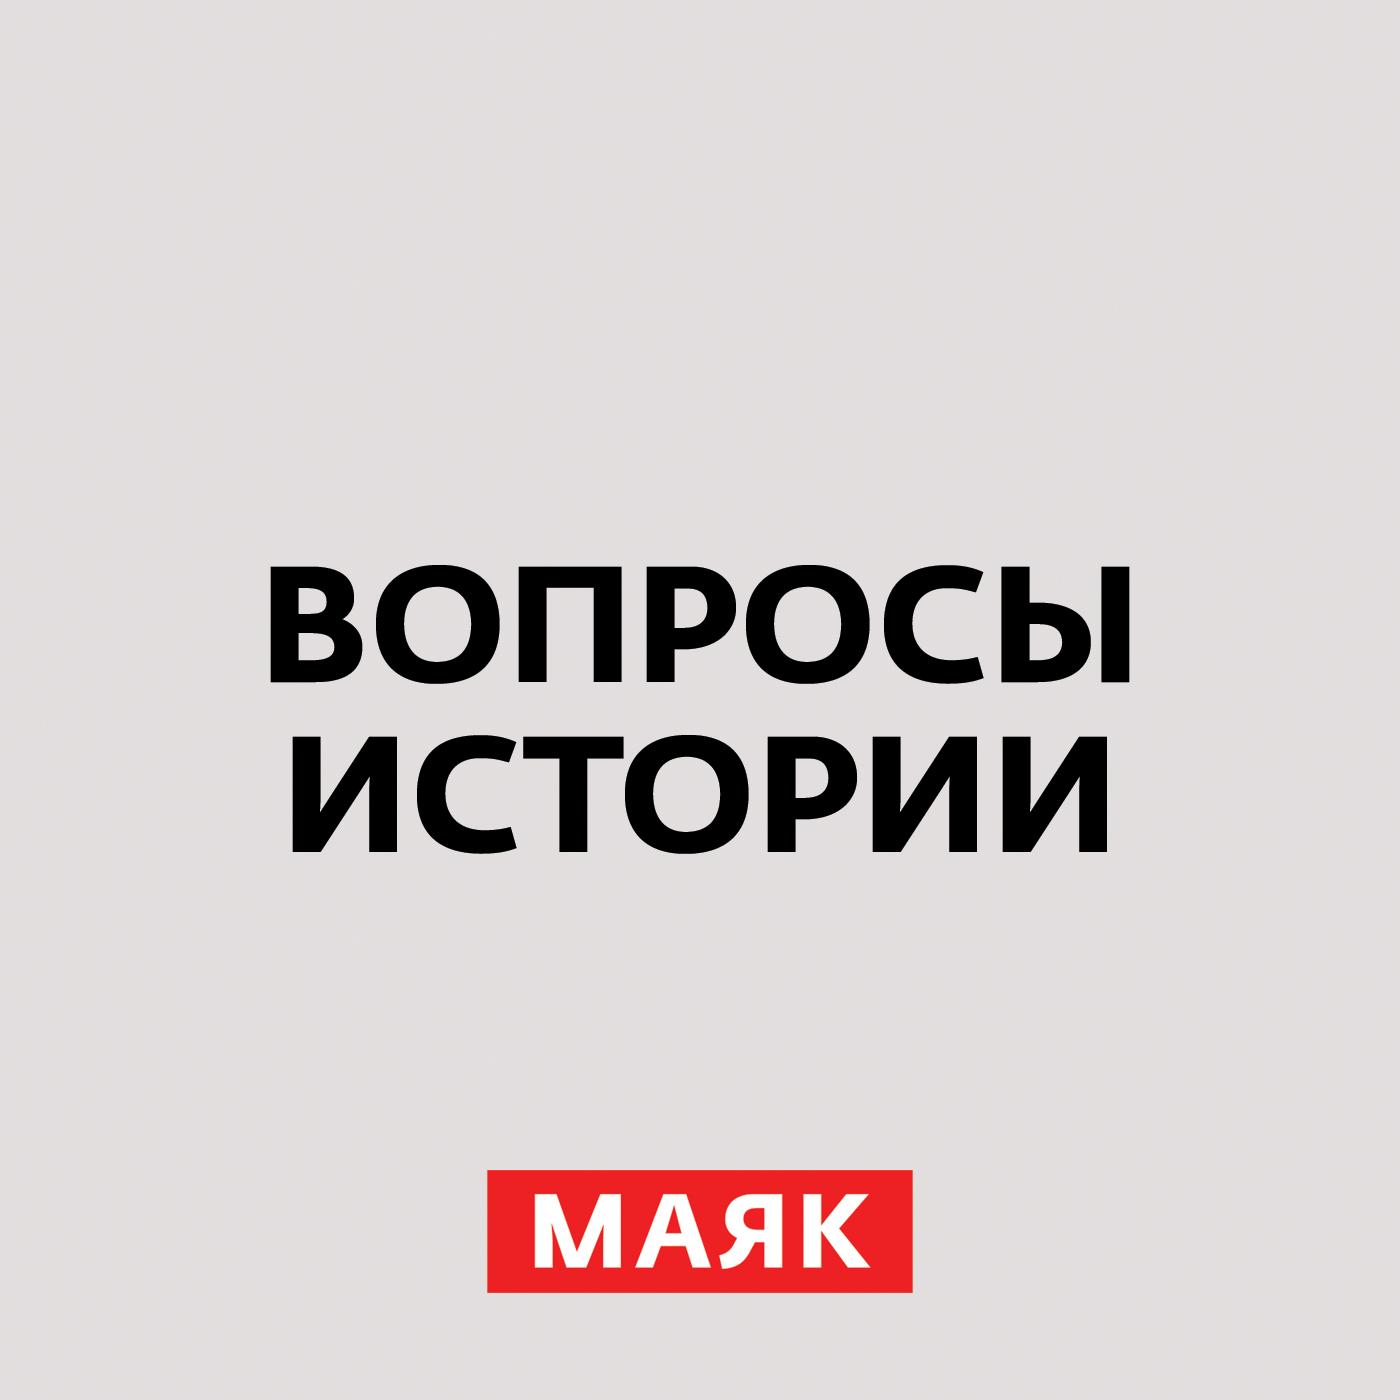 Андрей Светенко Берия думал, что все должны быть ему благодарны. А нет. Часть 1 андрей светенко берия думал что все должны быть ему благодарны а нет часть 3